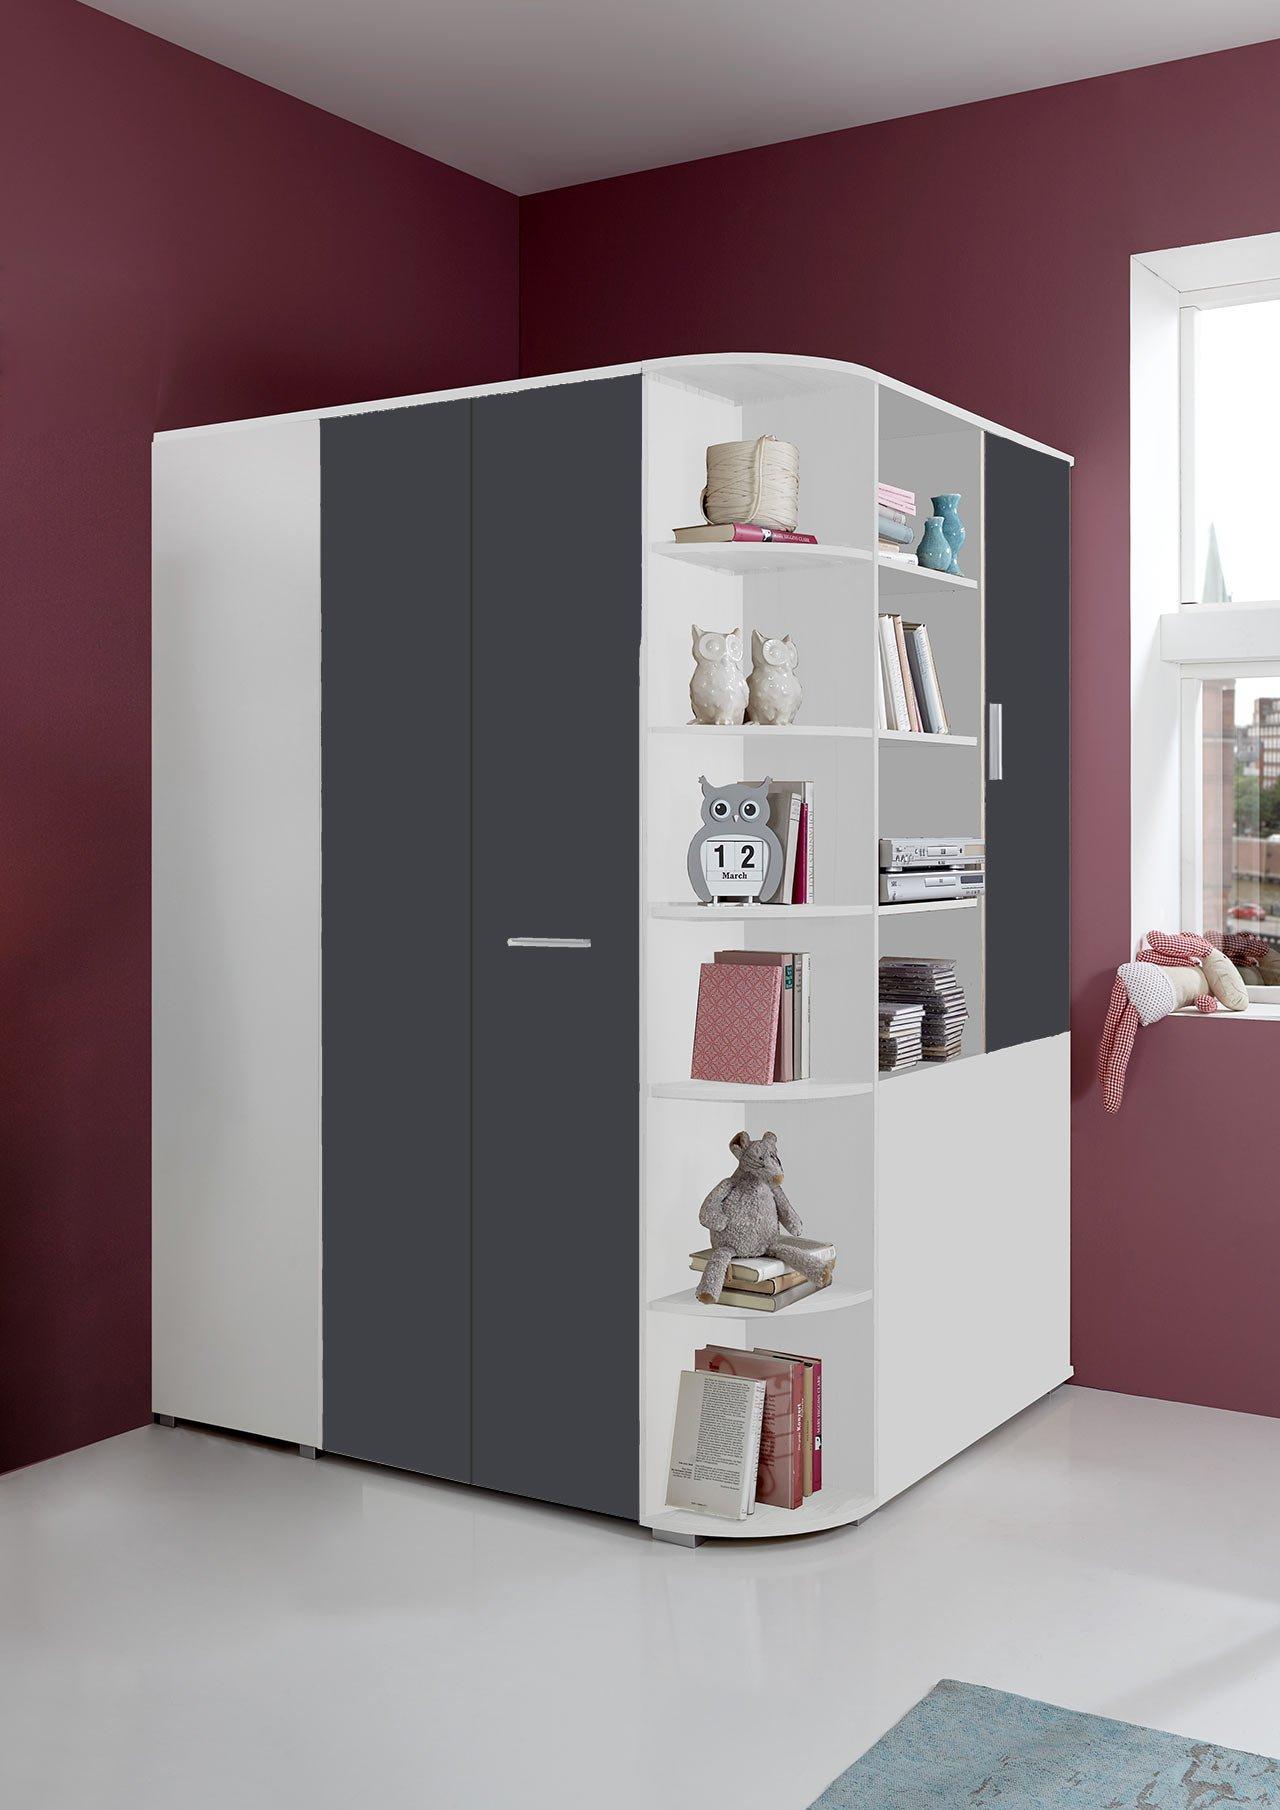 lifestyle4living Begehbarer Eckkleiderschrank in weiß, graue Falttür   Schlafzimmerschrank   Jugendzimmerschrank   Eckschrank 1